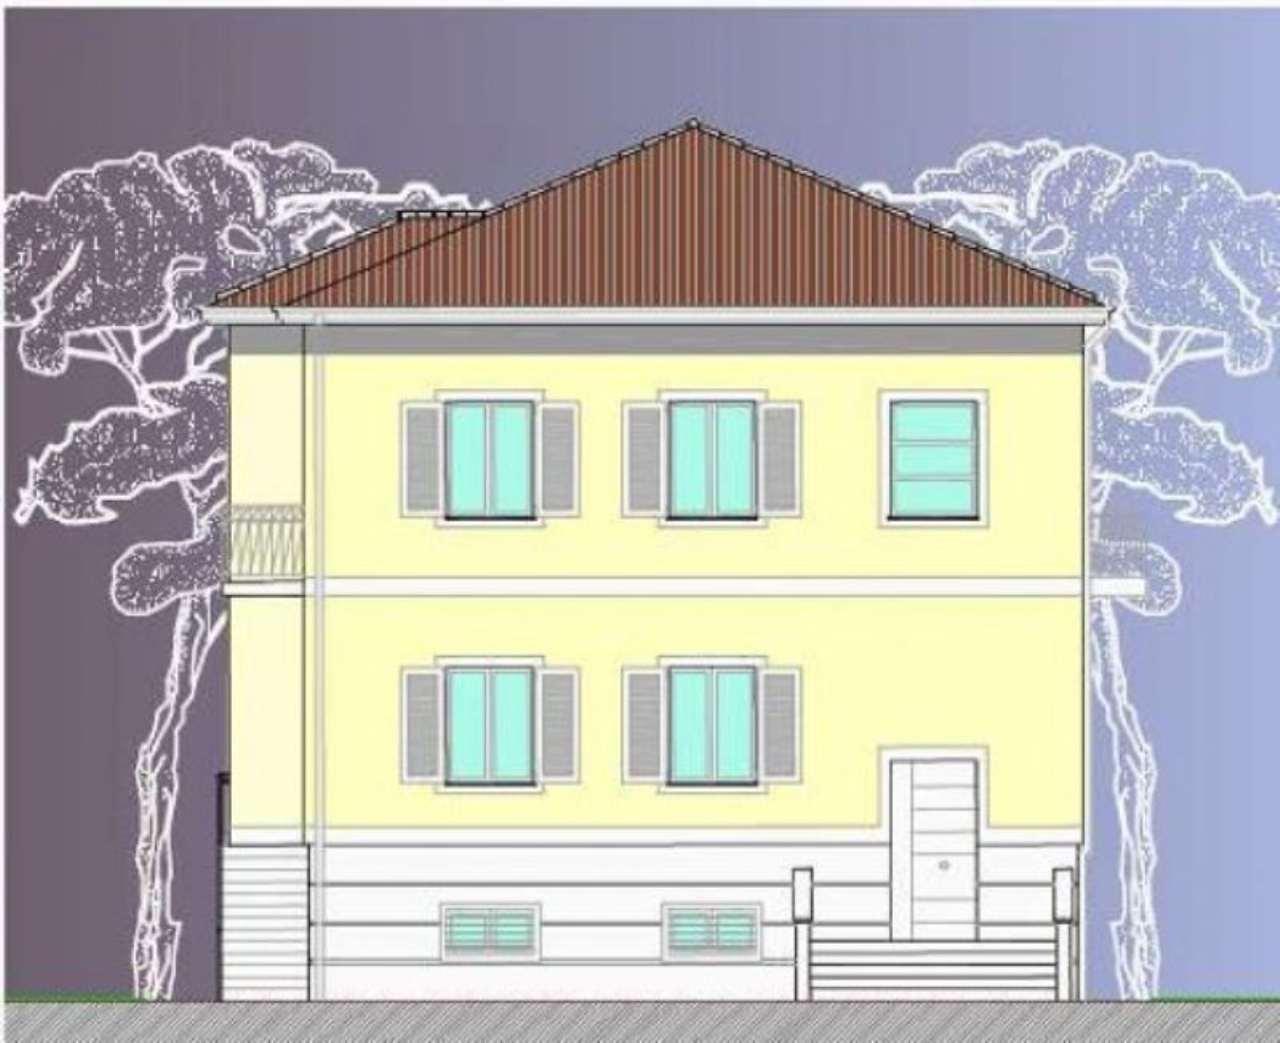 Palazzo / Stabile in vendita a Forlì, 6 locali, prezzo € 850.000 | CambioCasa.it